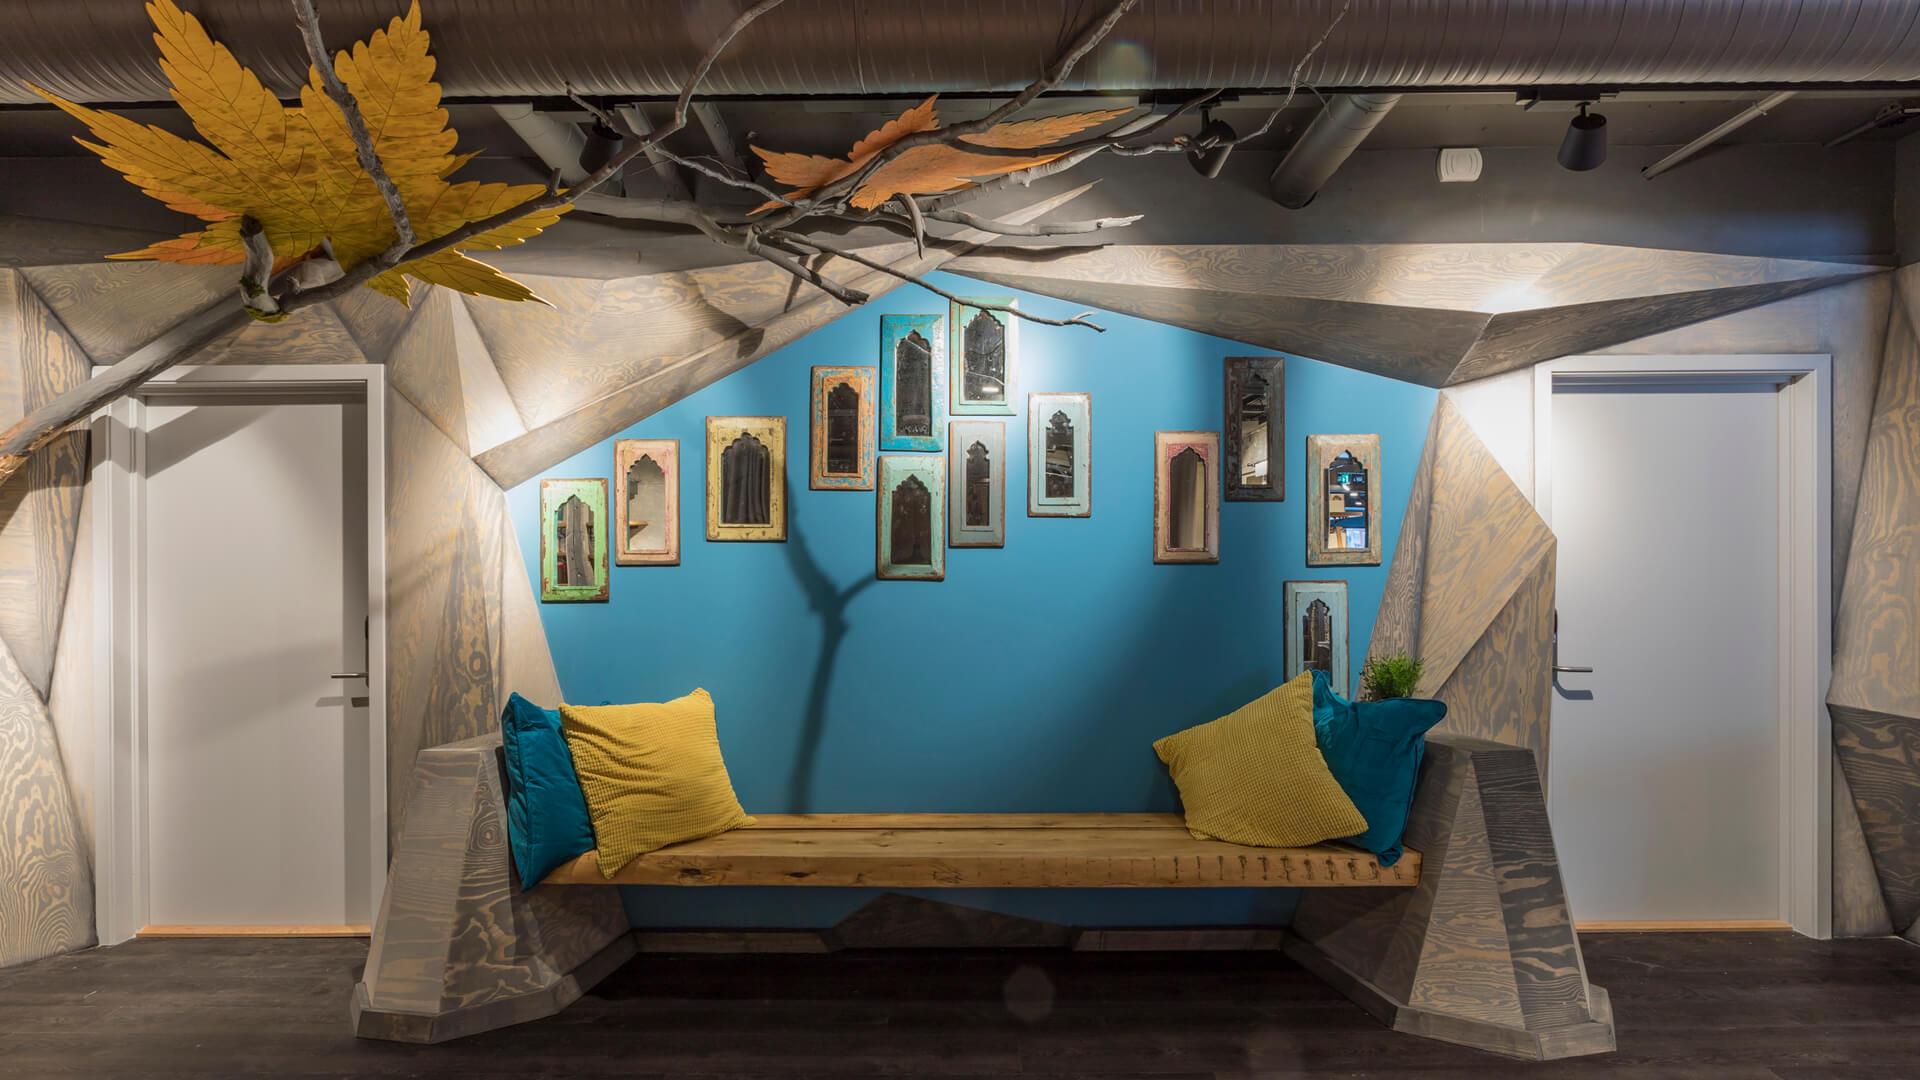 Aatvos_Stovner-Deichman-Oslo_social-library-design7